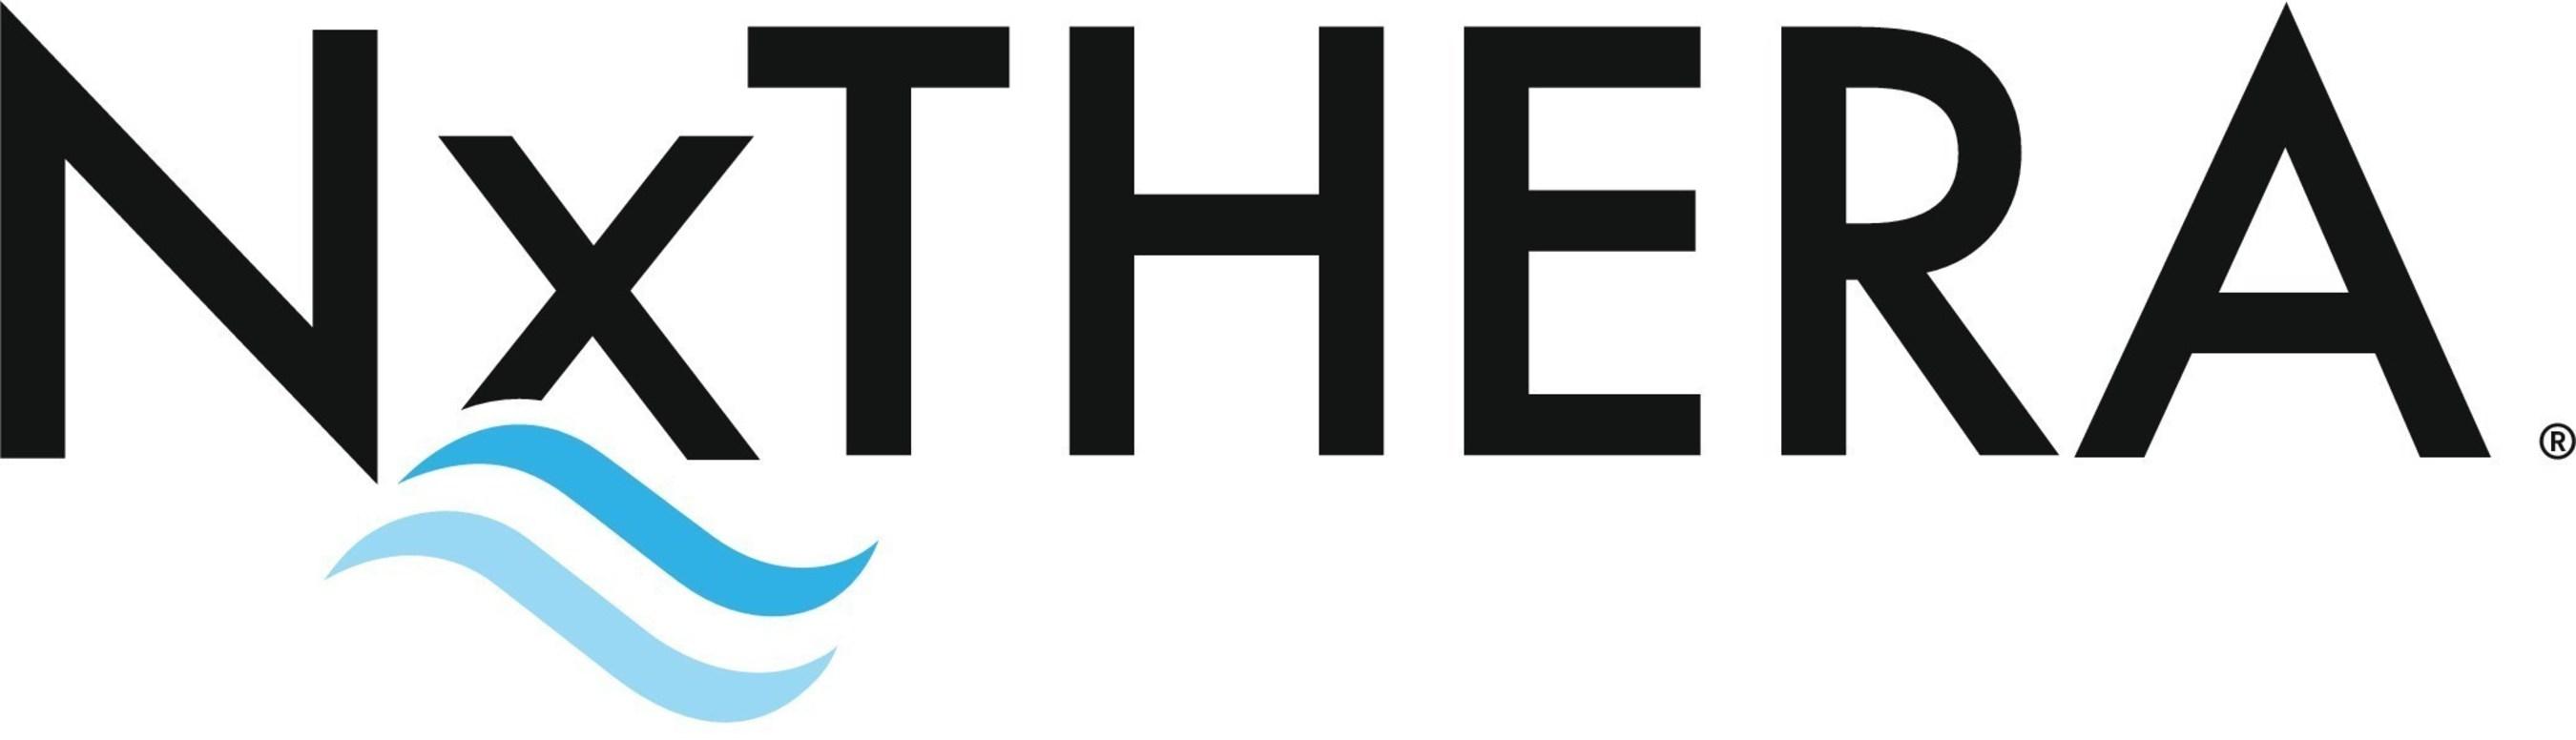 NxThera, Inc. Logo